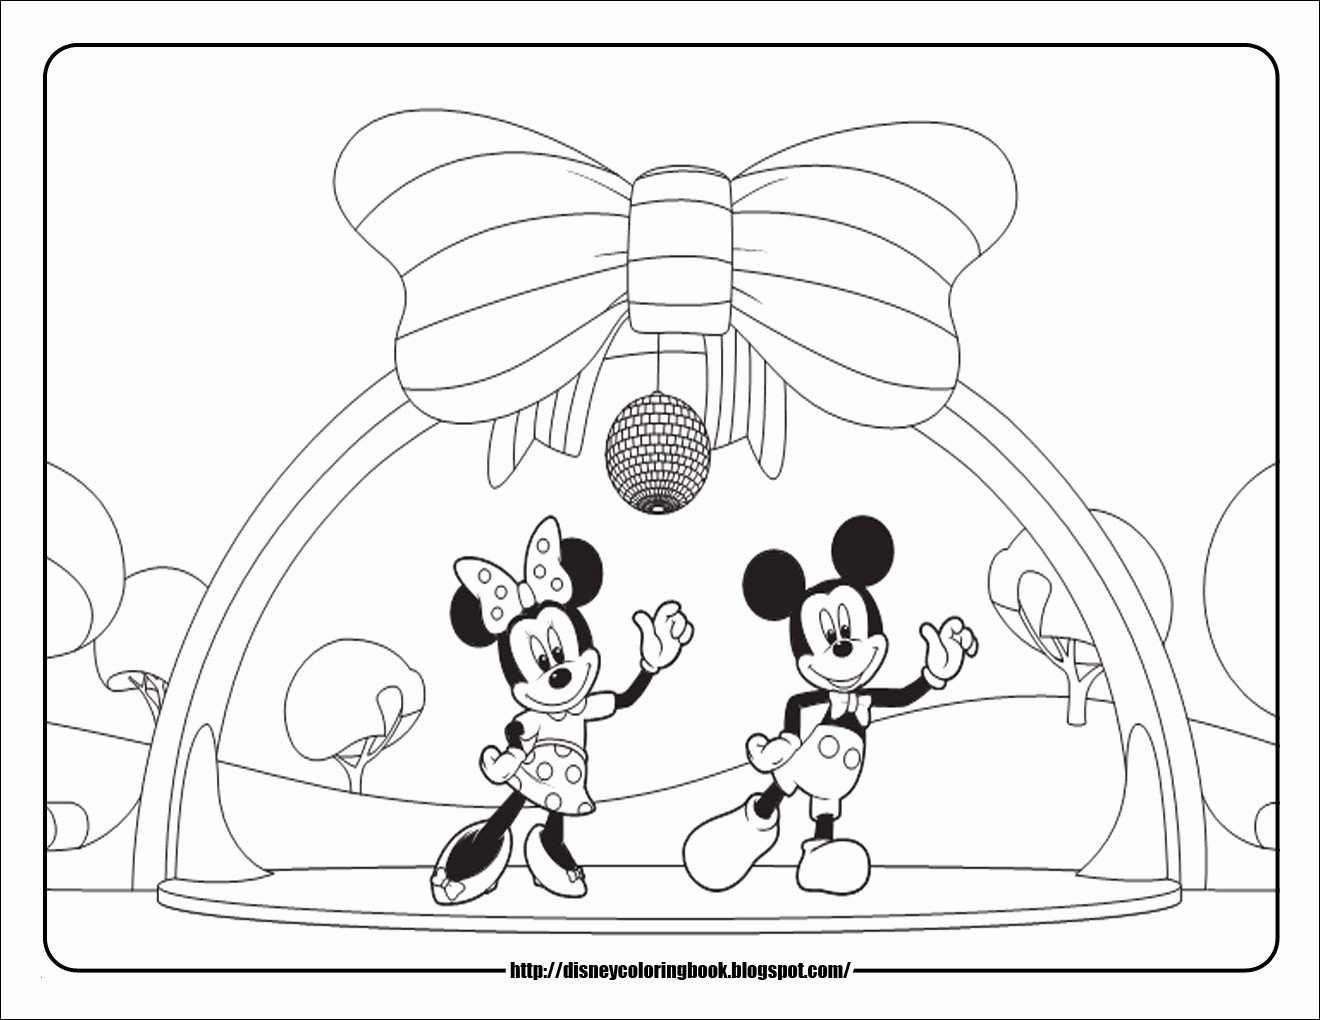 Micky Maus Baby Ausmalbilder Einzigartig Mickey Mouse Zum Ausmalen Bild 37 Ausmalbilder Baby Micky Maus Sammlung